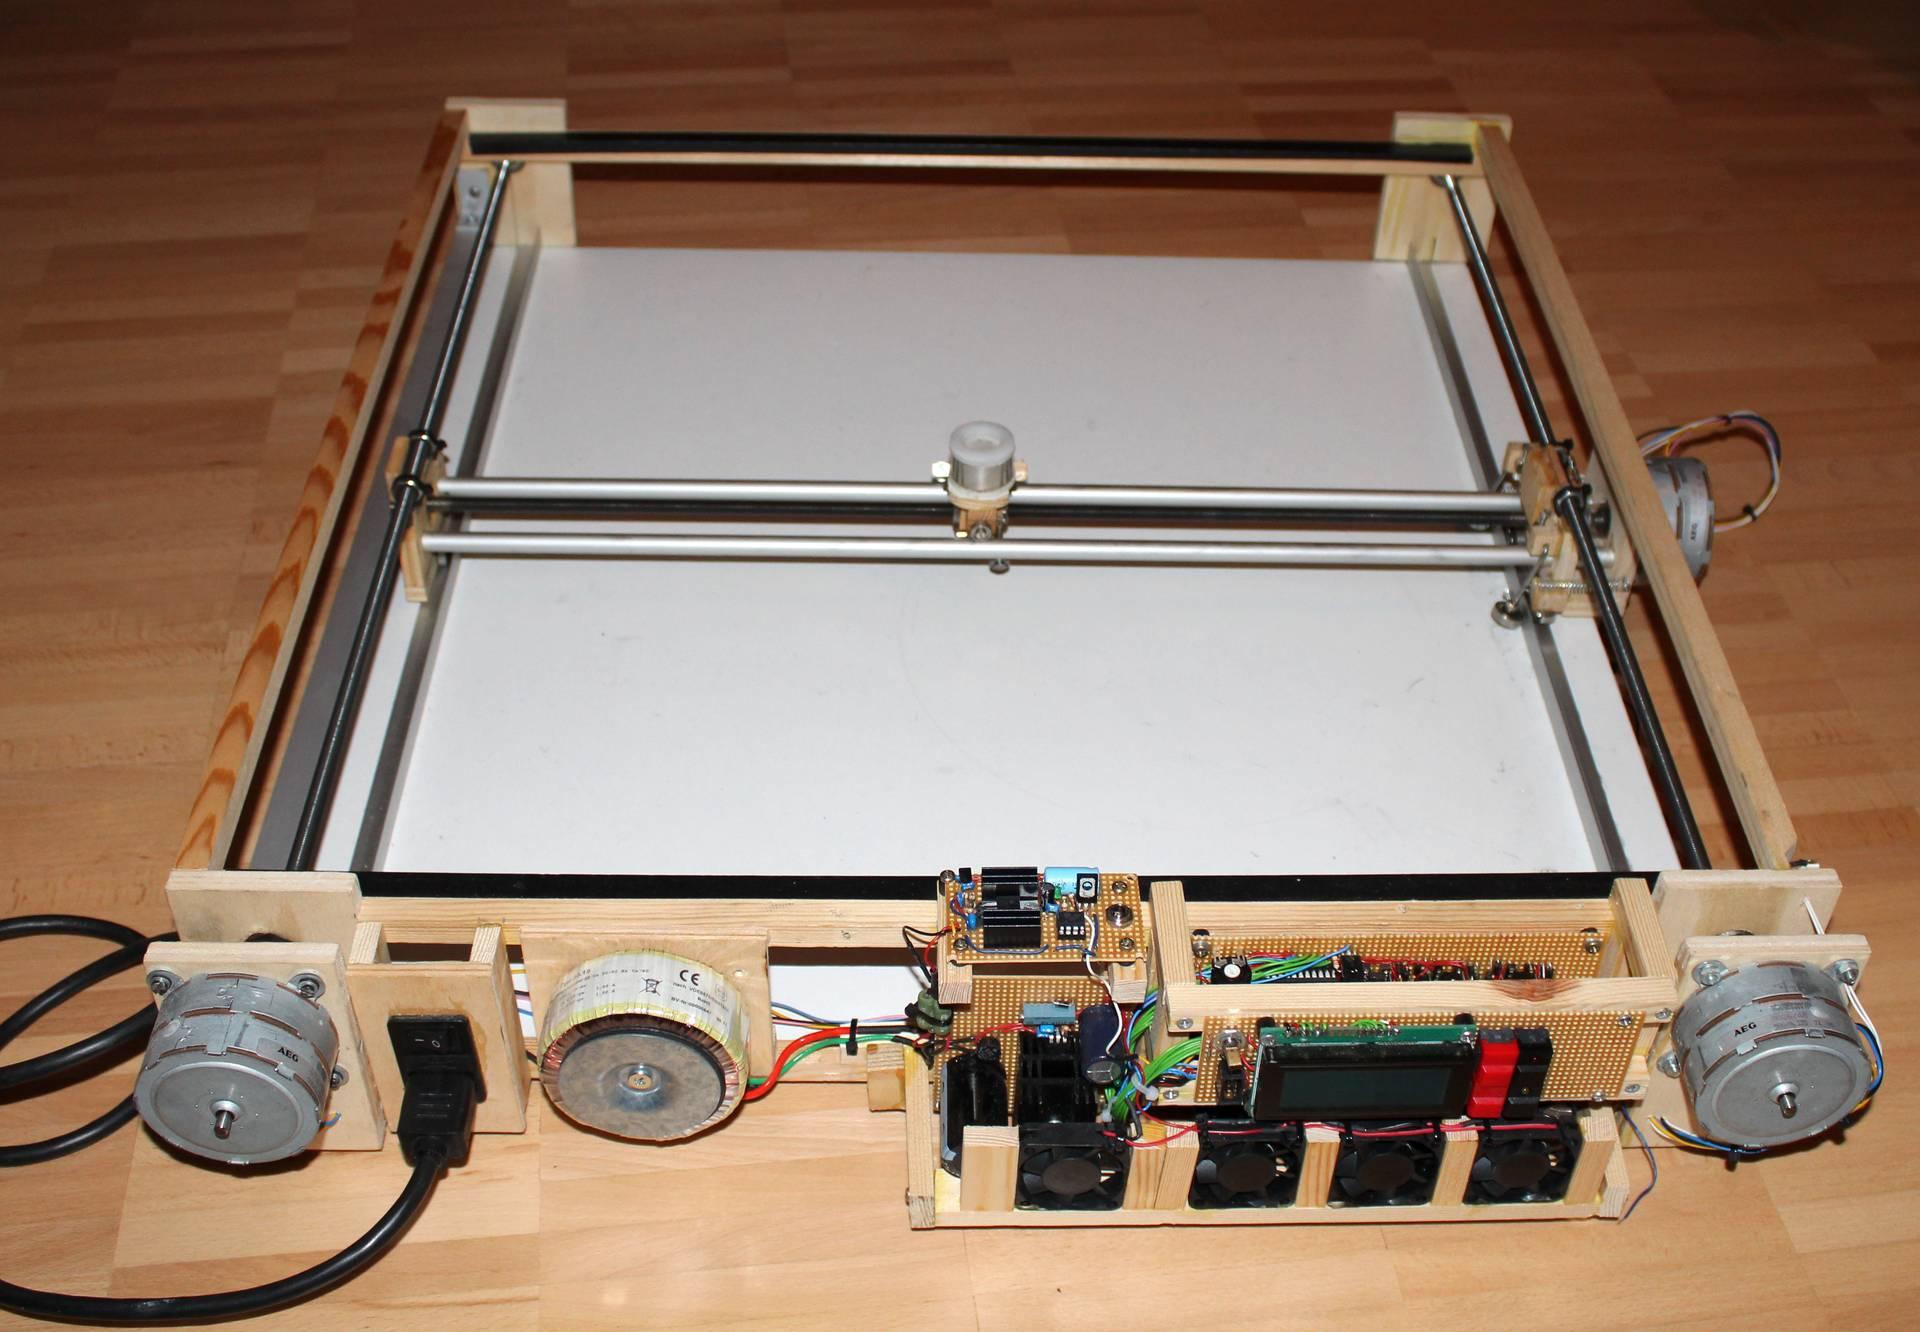 Erfreut Sei Elektronik Projekte Bilder - Der Schaltplan - greigo.com